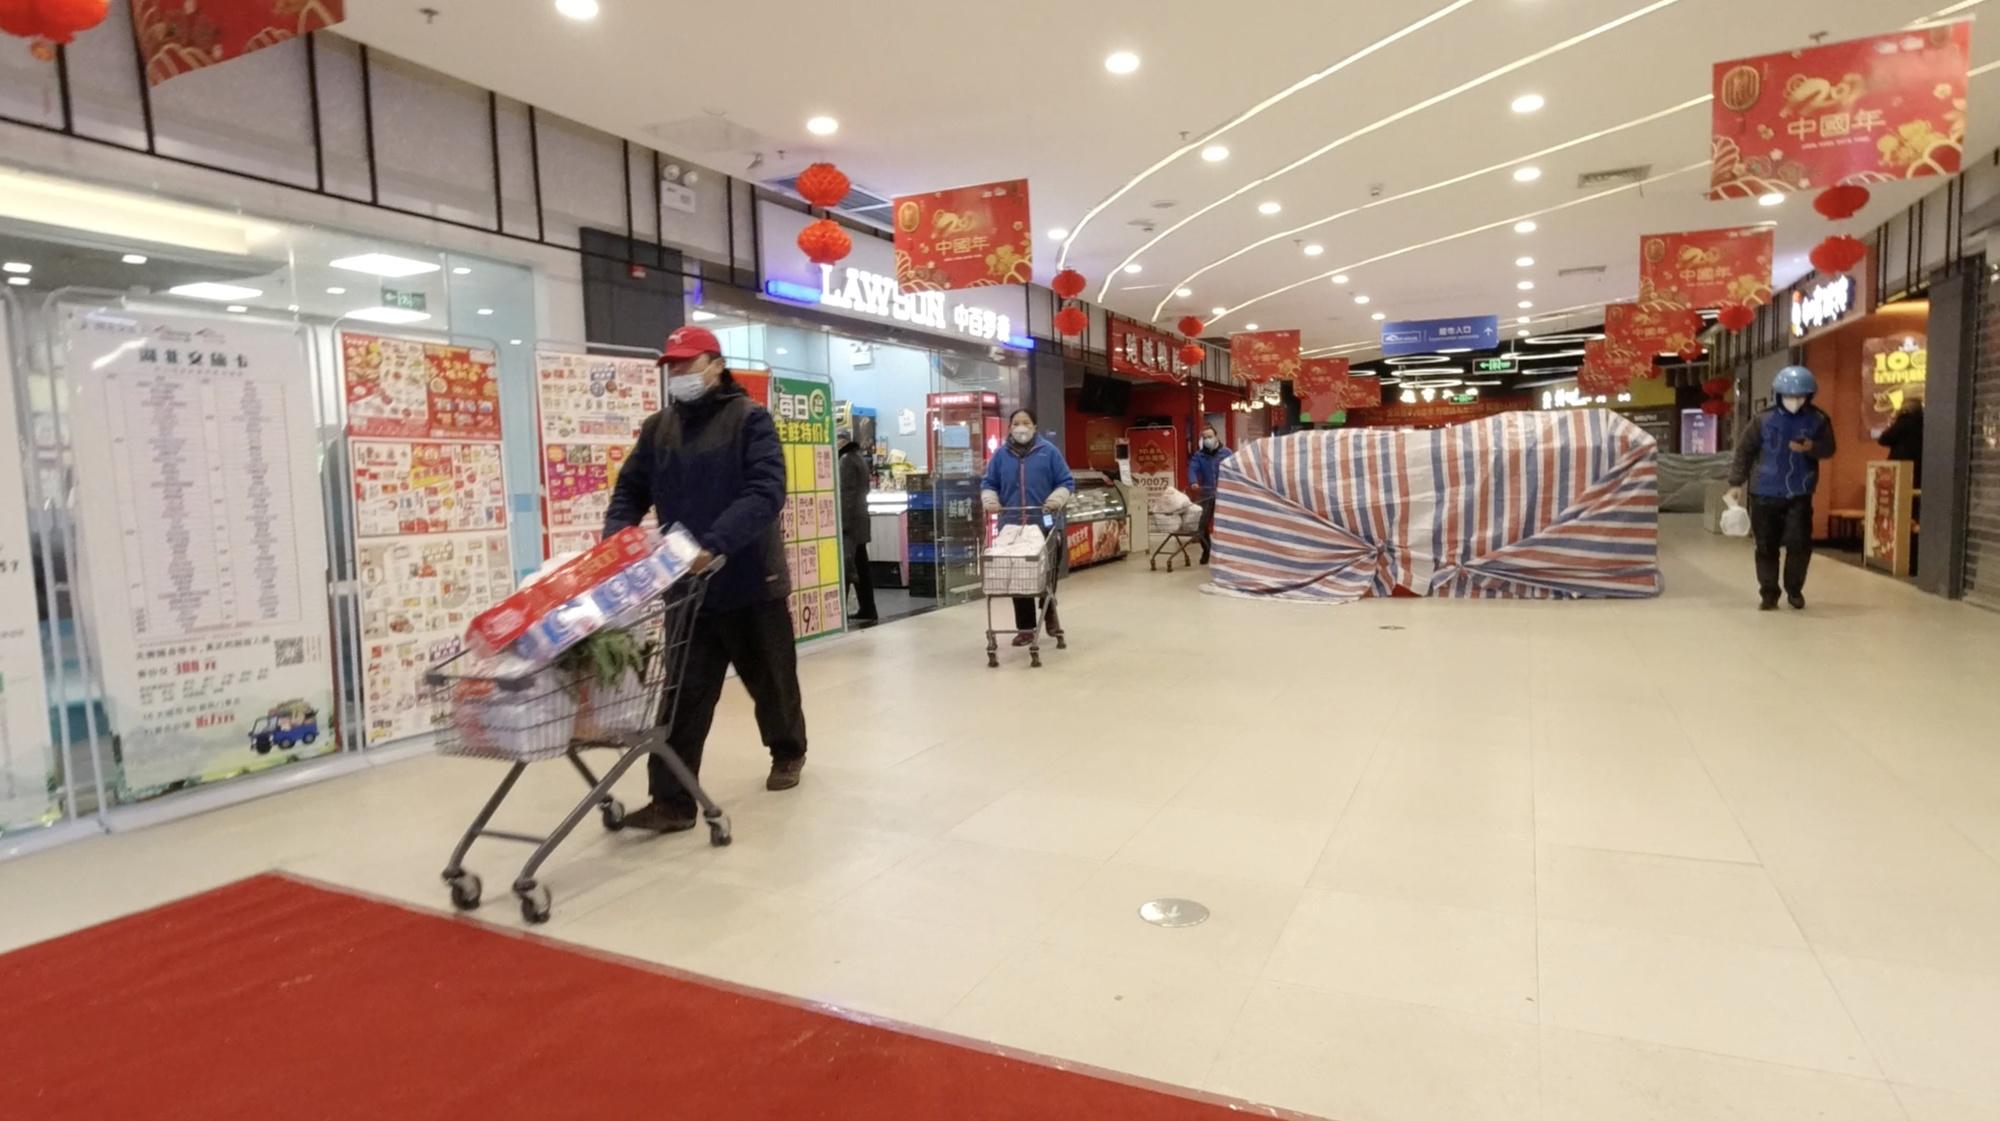 Vue d'ensemble à l'intérieur d'un centre commercial à Wuhan., Jovis and Marissa/via REUTERS